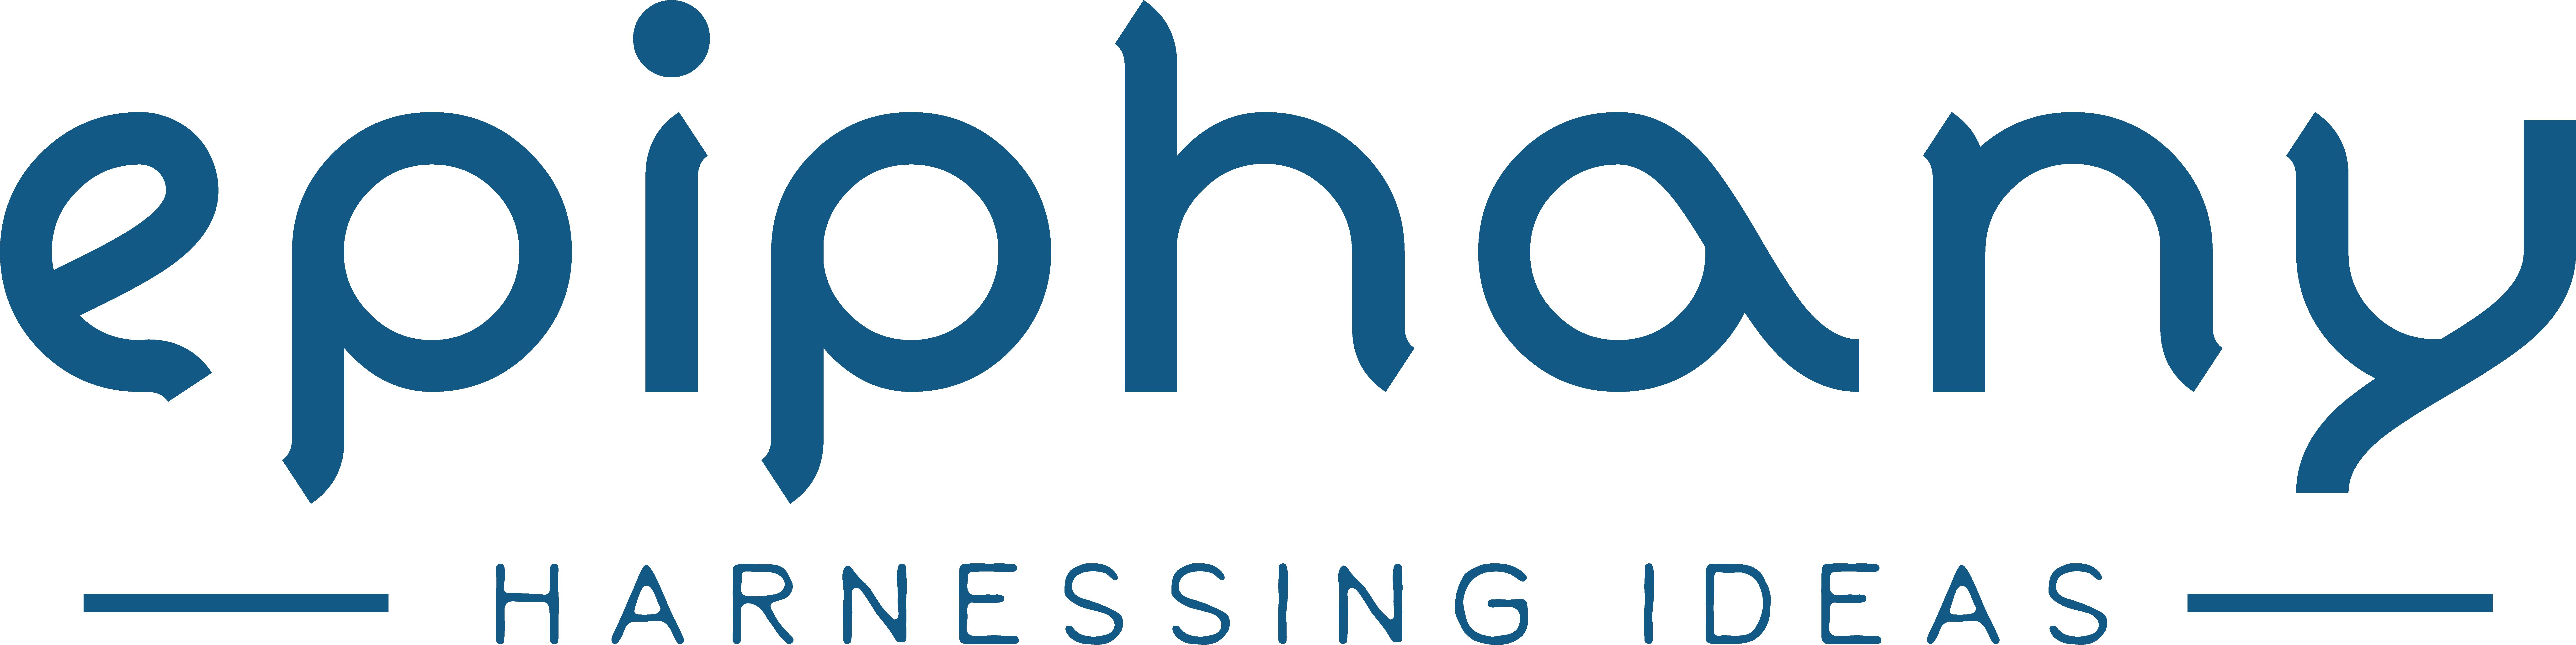 Epiphany logo 2